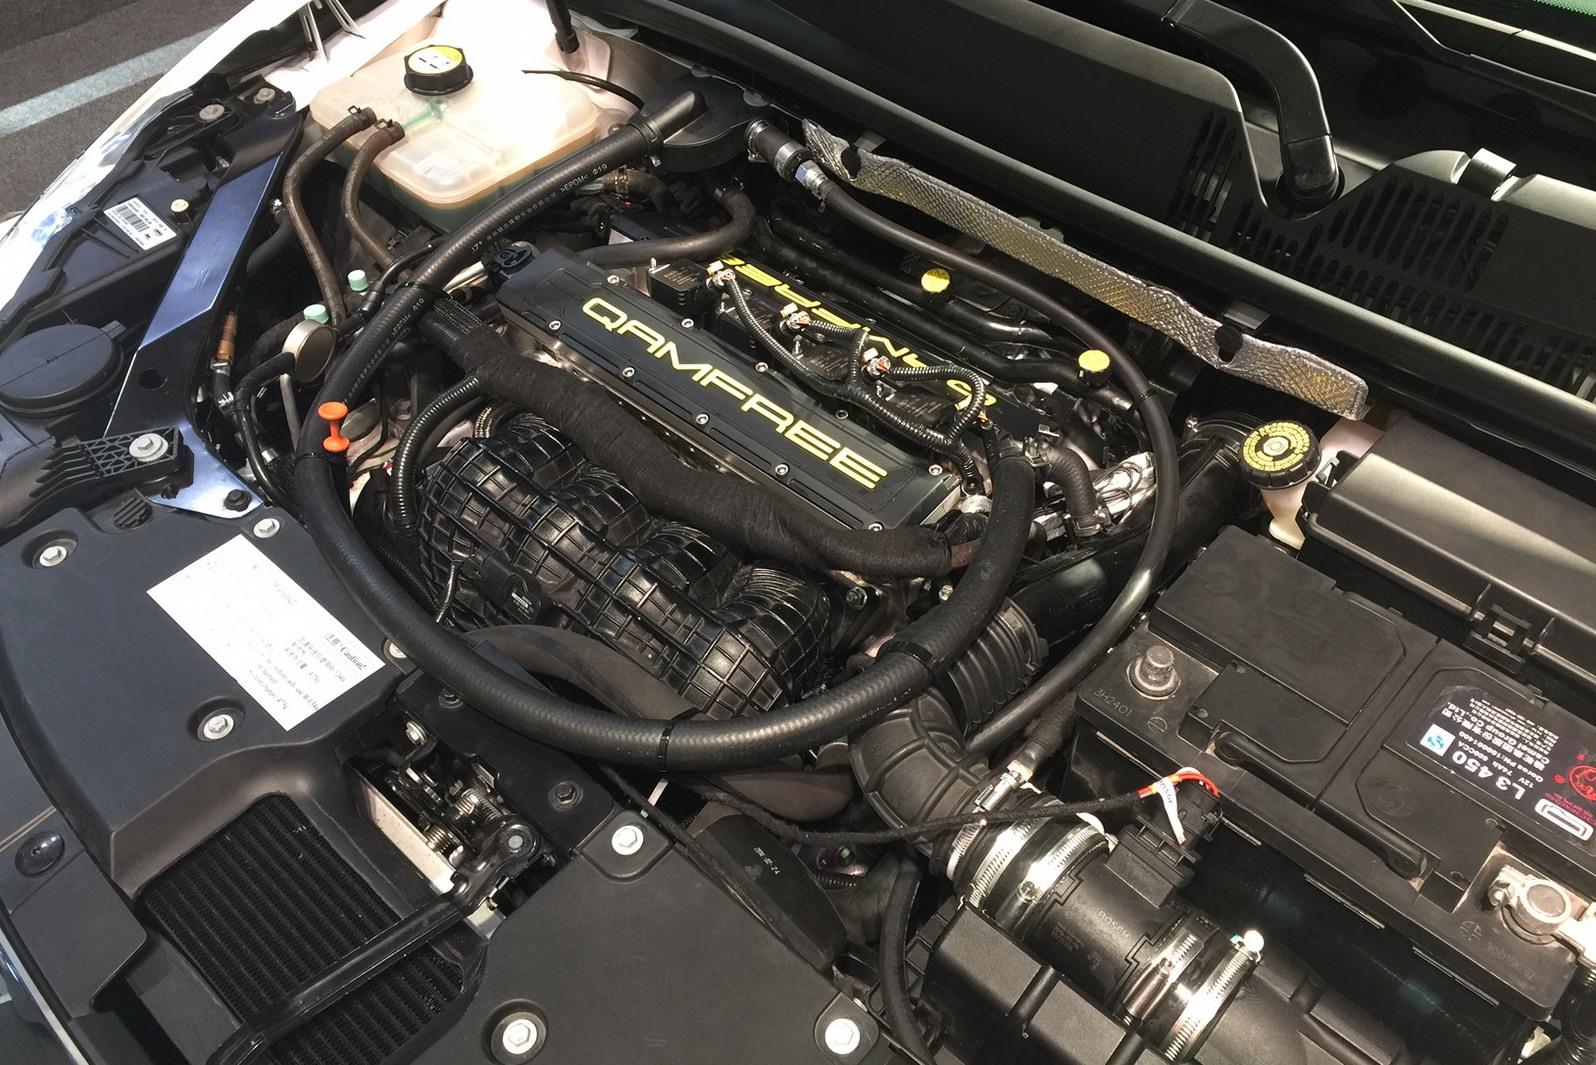 Instalado em um motor 1.6, o FreeValve aumentou a potência em 47%